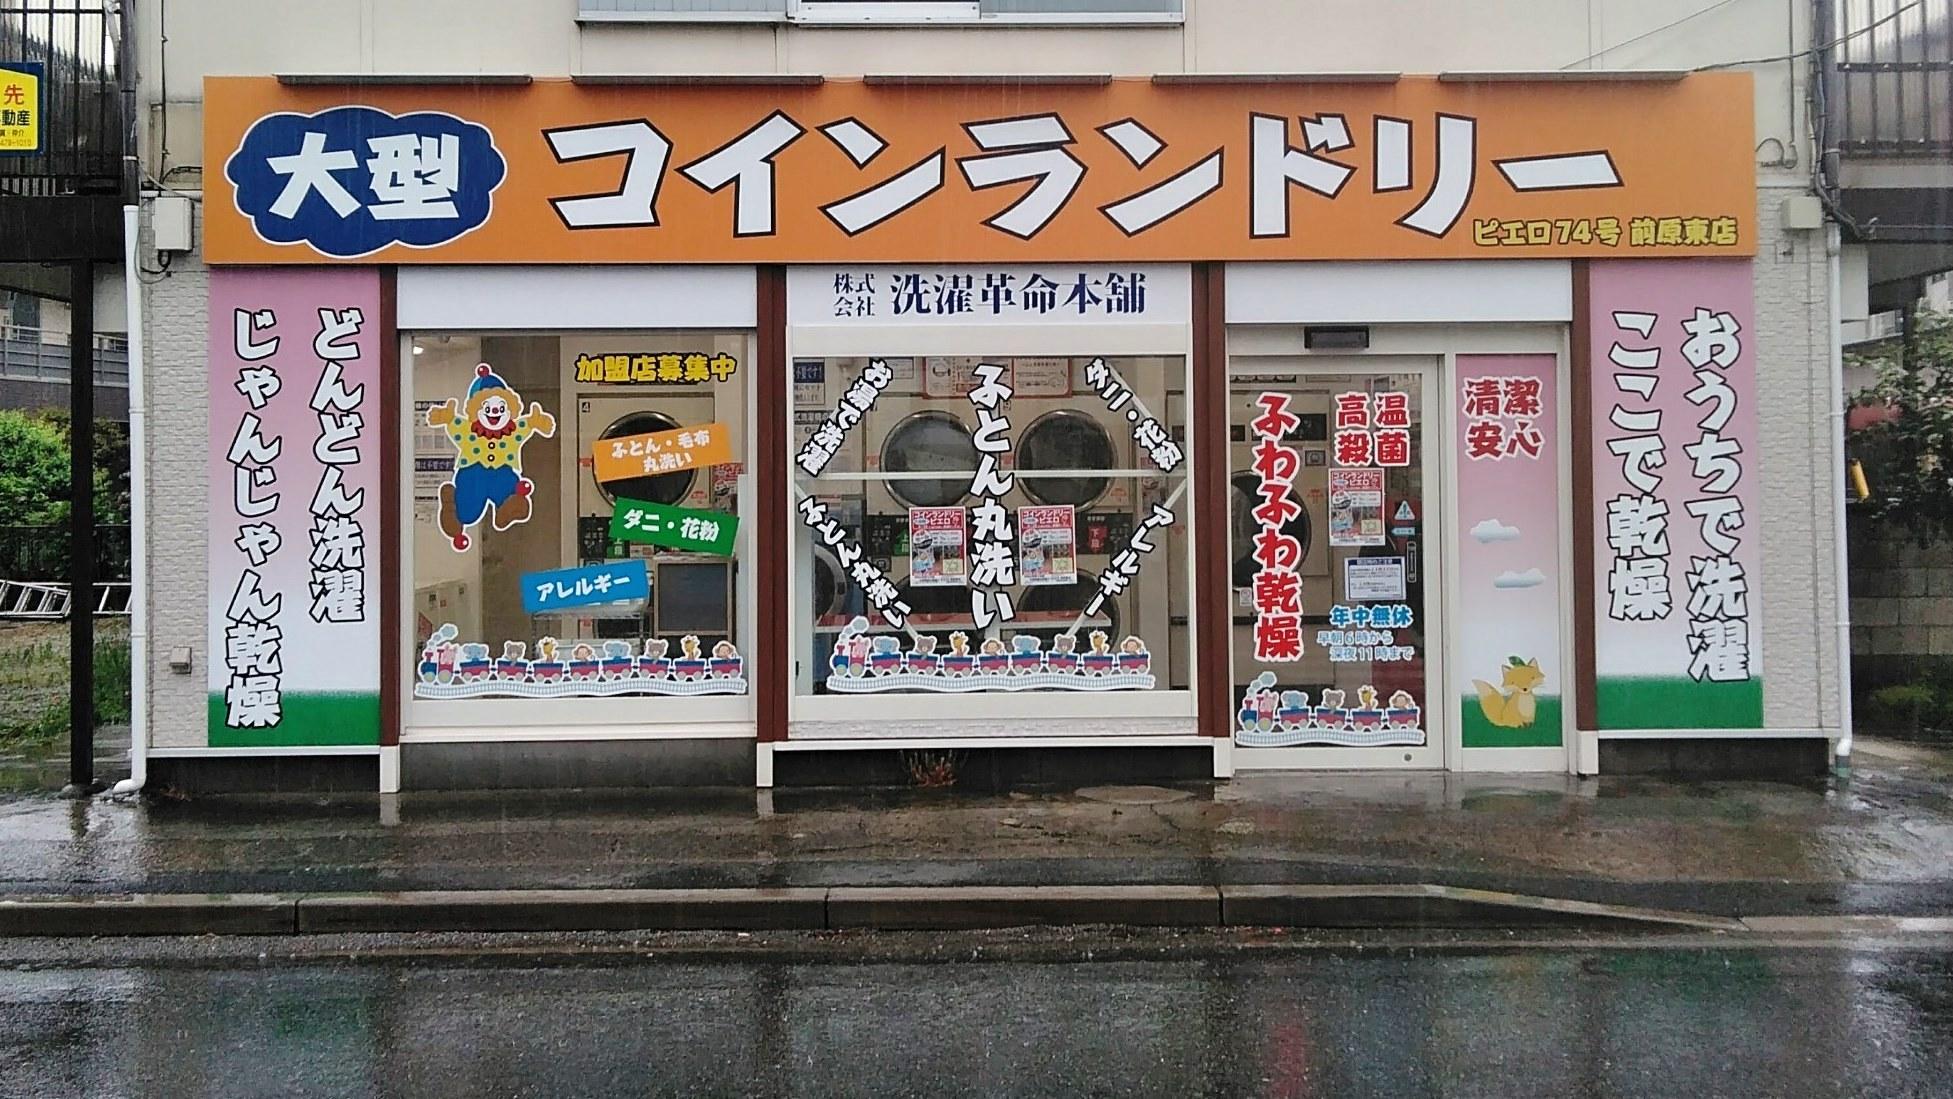 コインランドリー/ピエロ74号前原東店